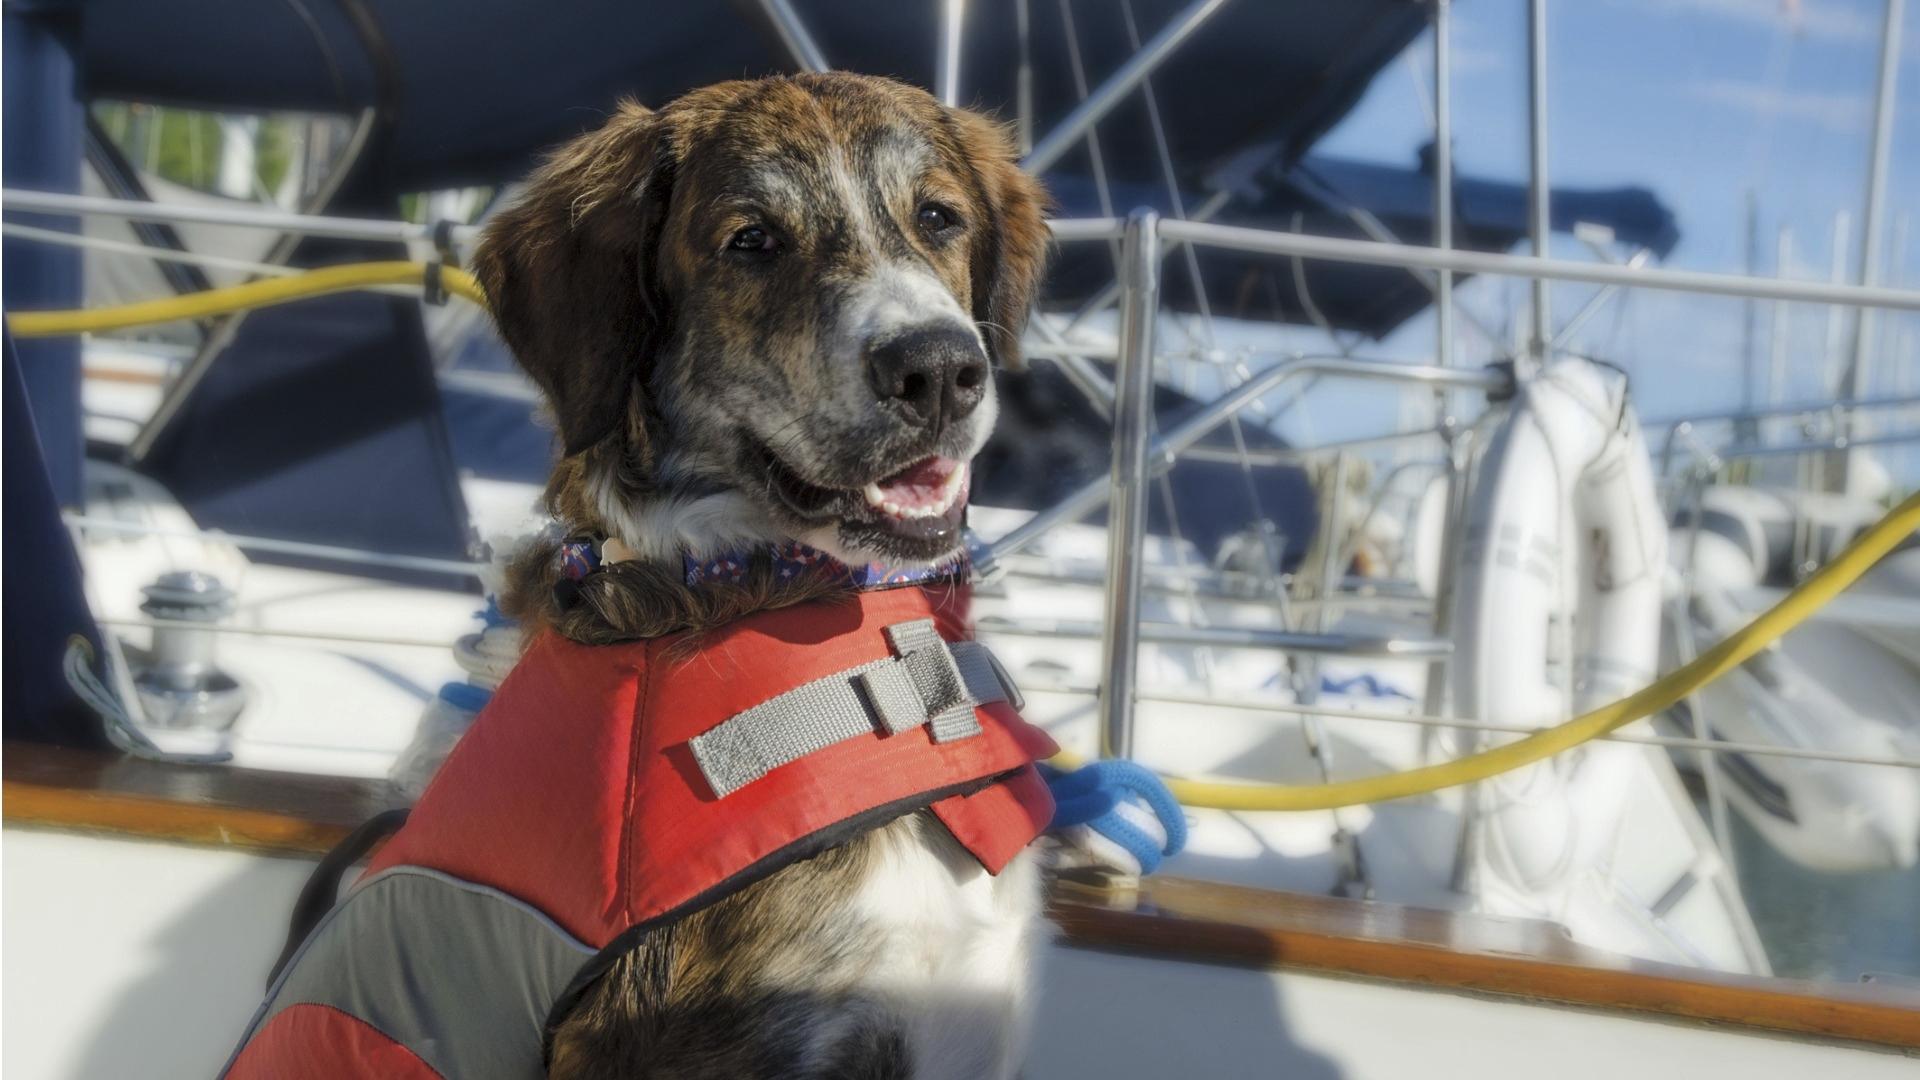 Merellä jokaiselle pitäisi veneessä muistaa pukea pelastusliivit, myös lemmikeille.